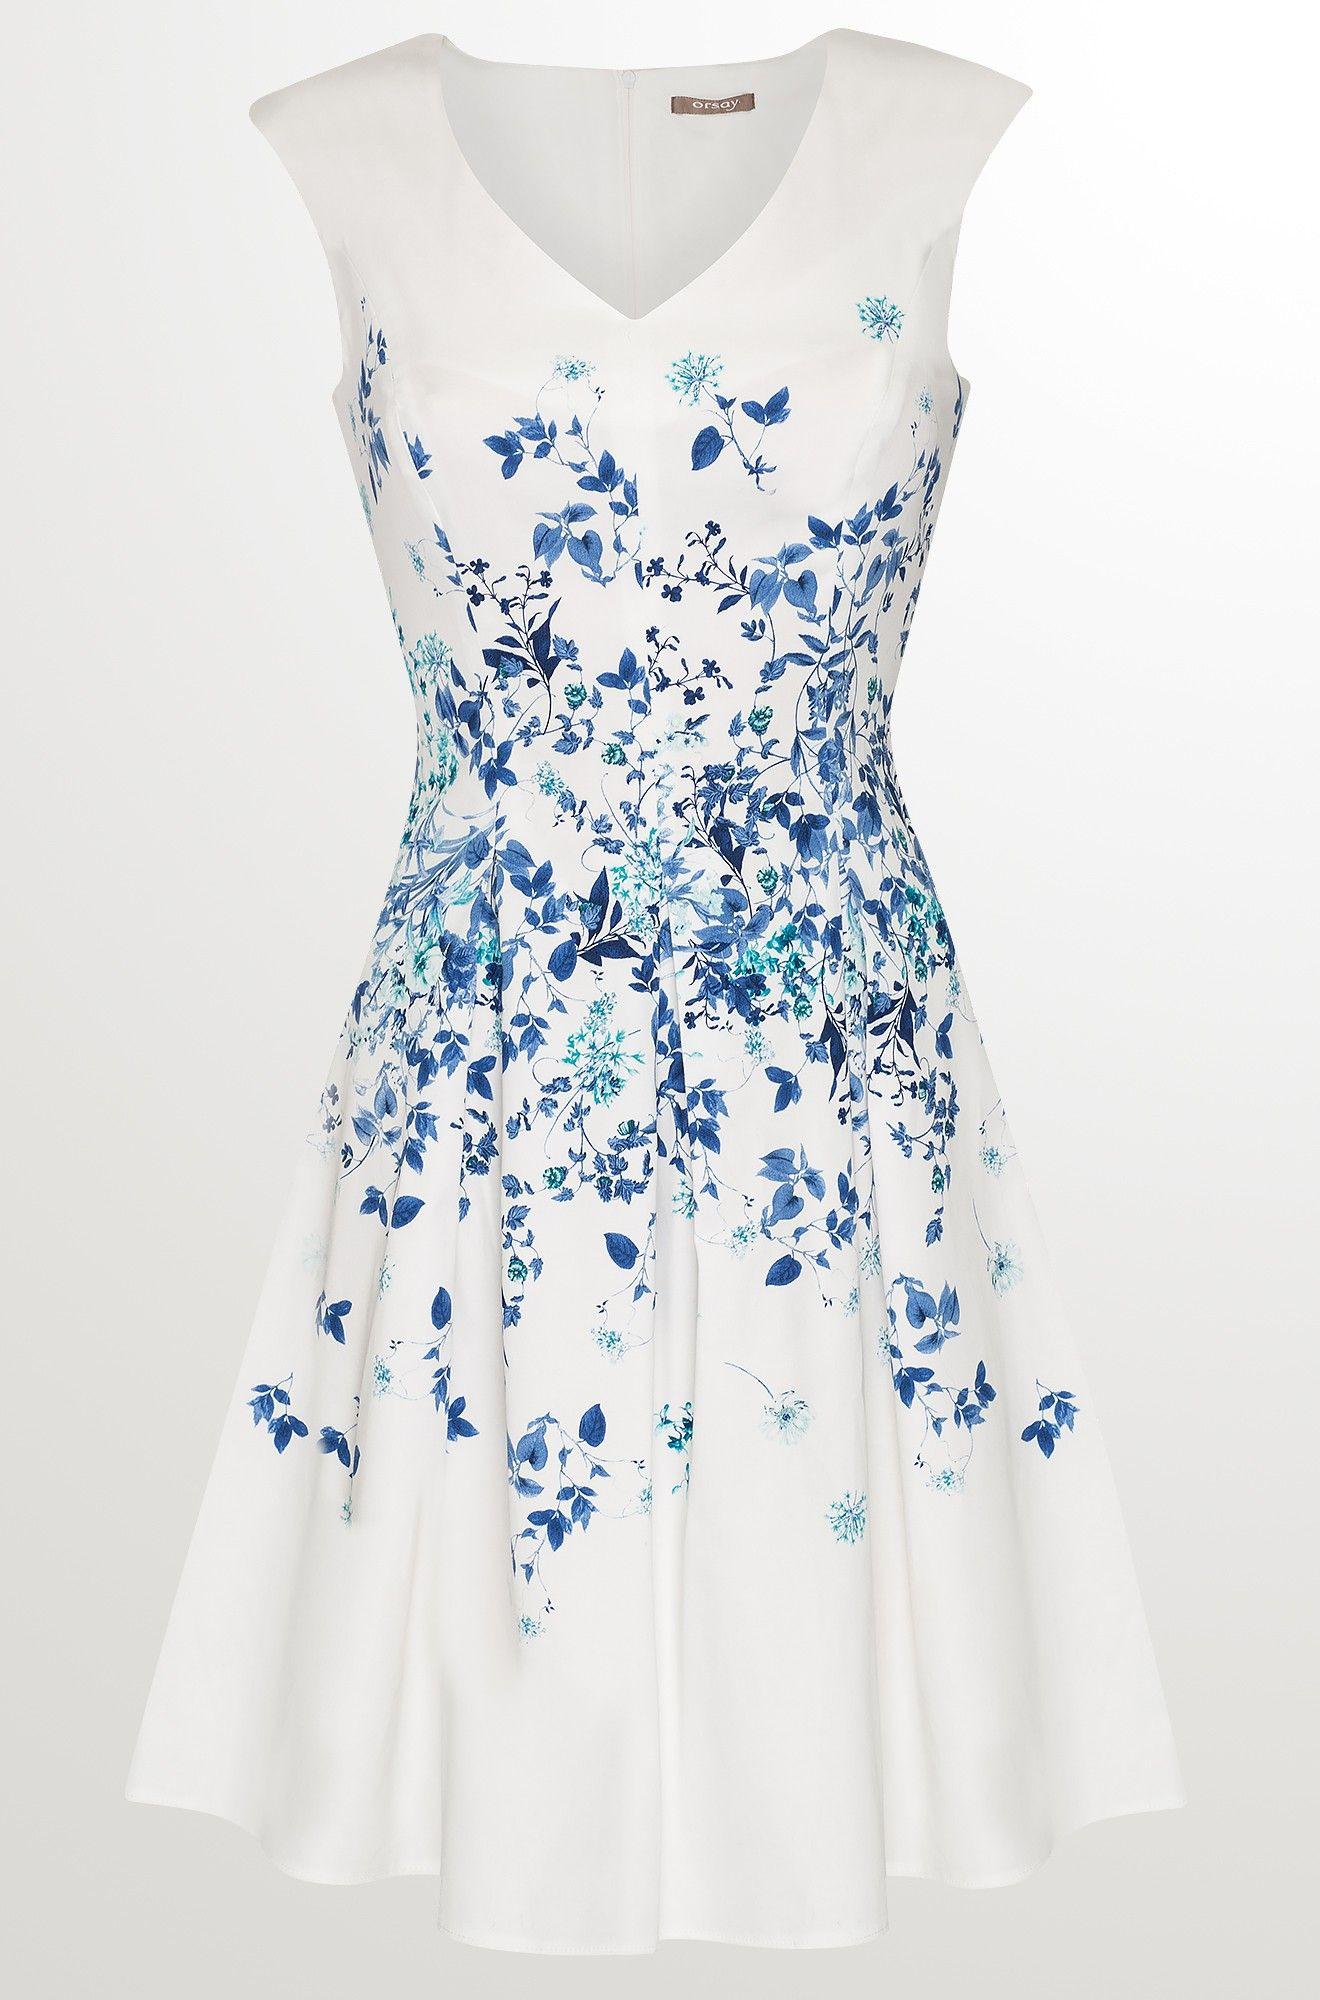 13 Ausgezeichnet Orsay Abendkleid StylishFormal Genial Orsay Abendkleid Stylish